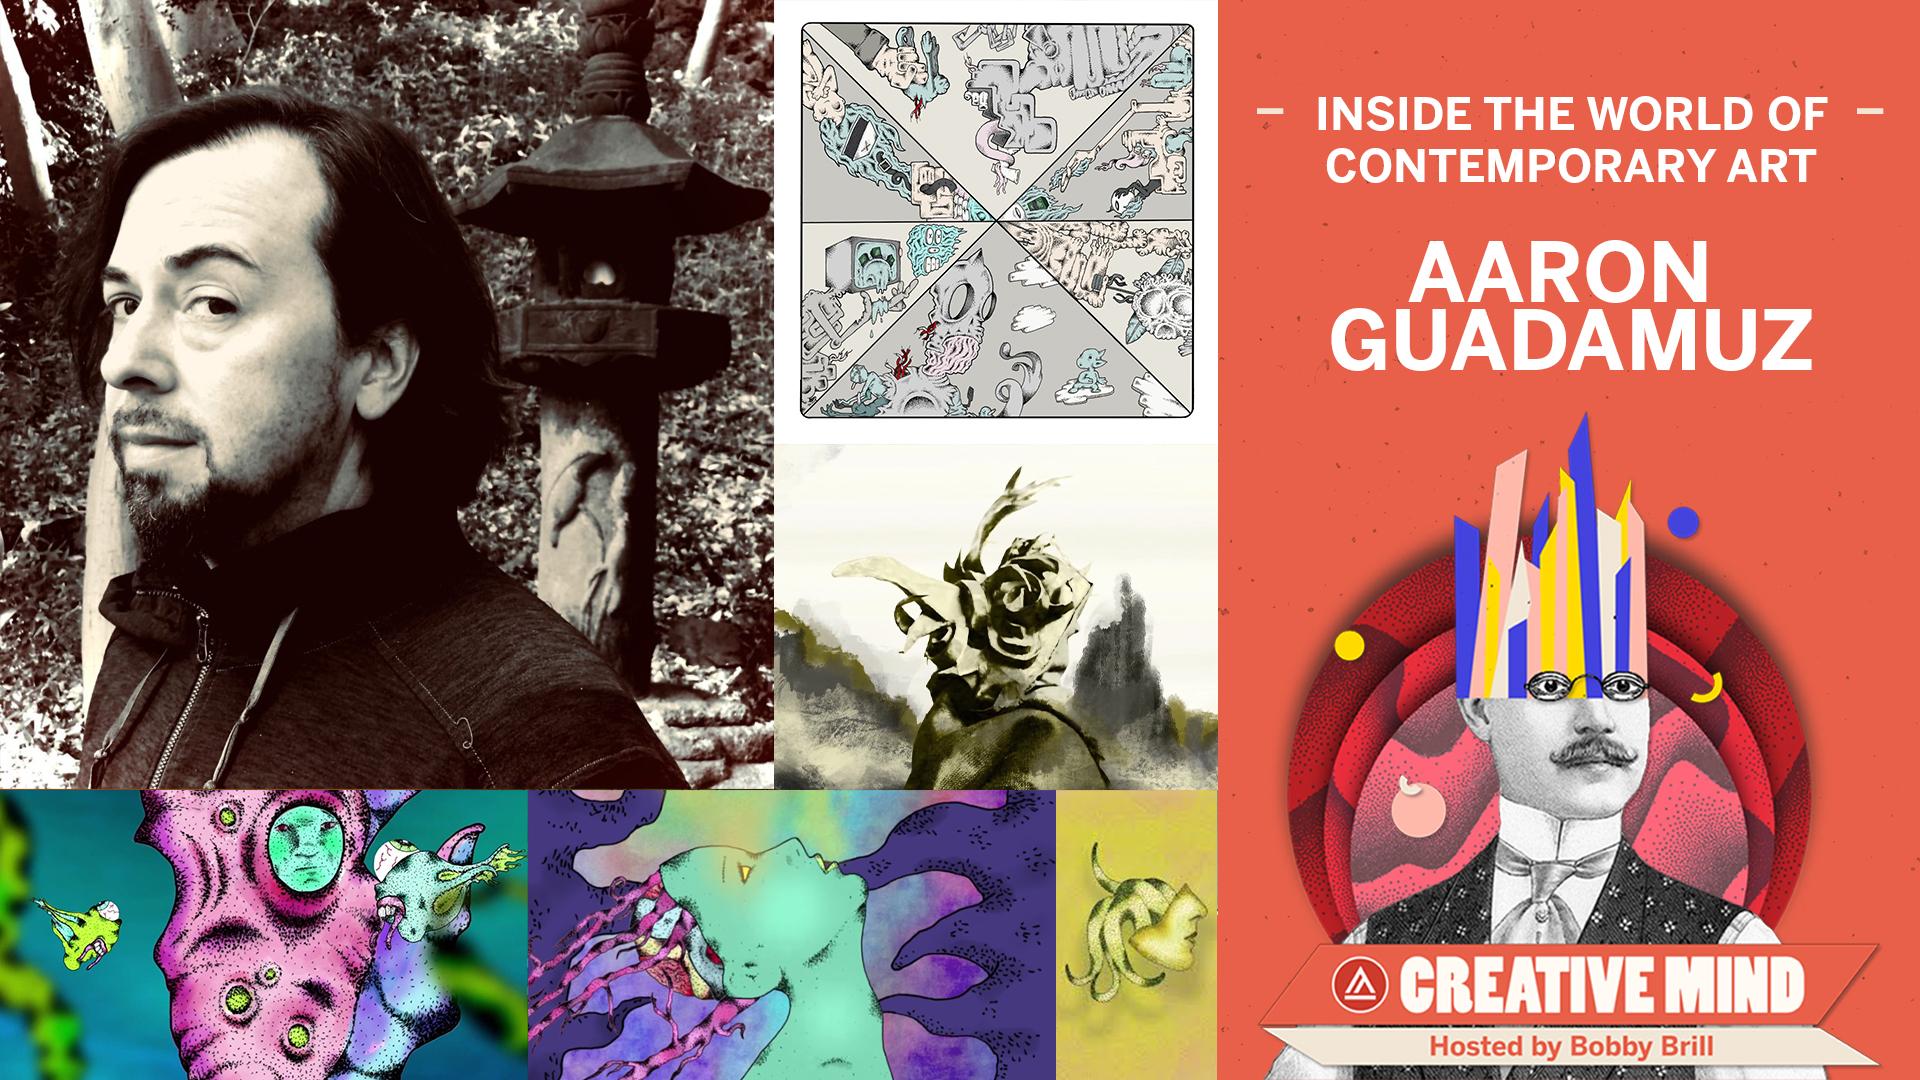 Creative Mind Podcast: Aaron Guadamuz